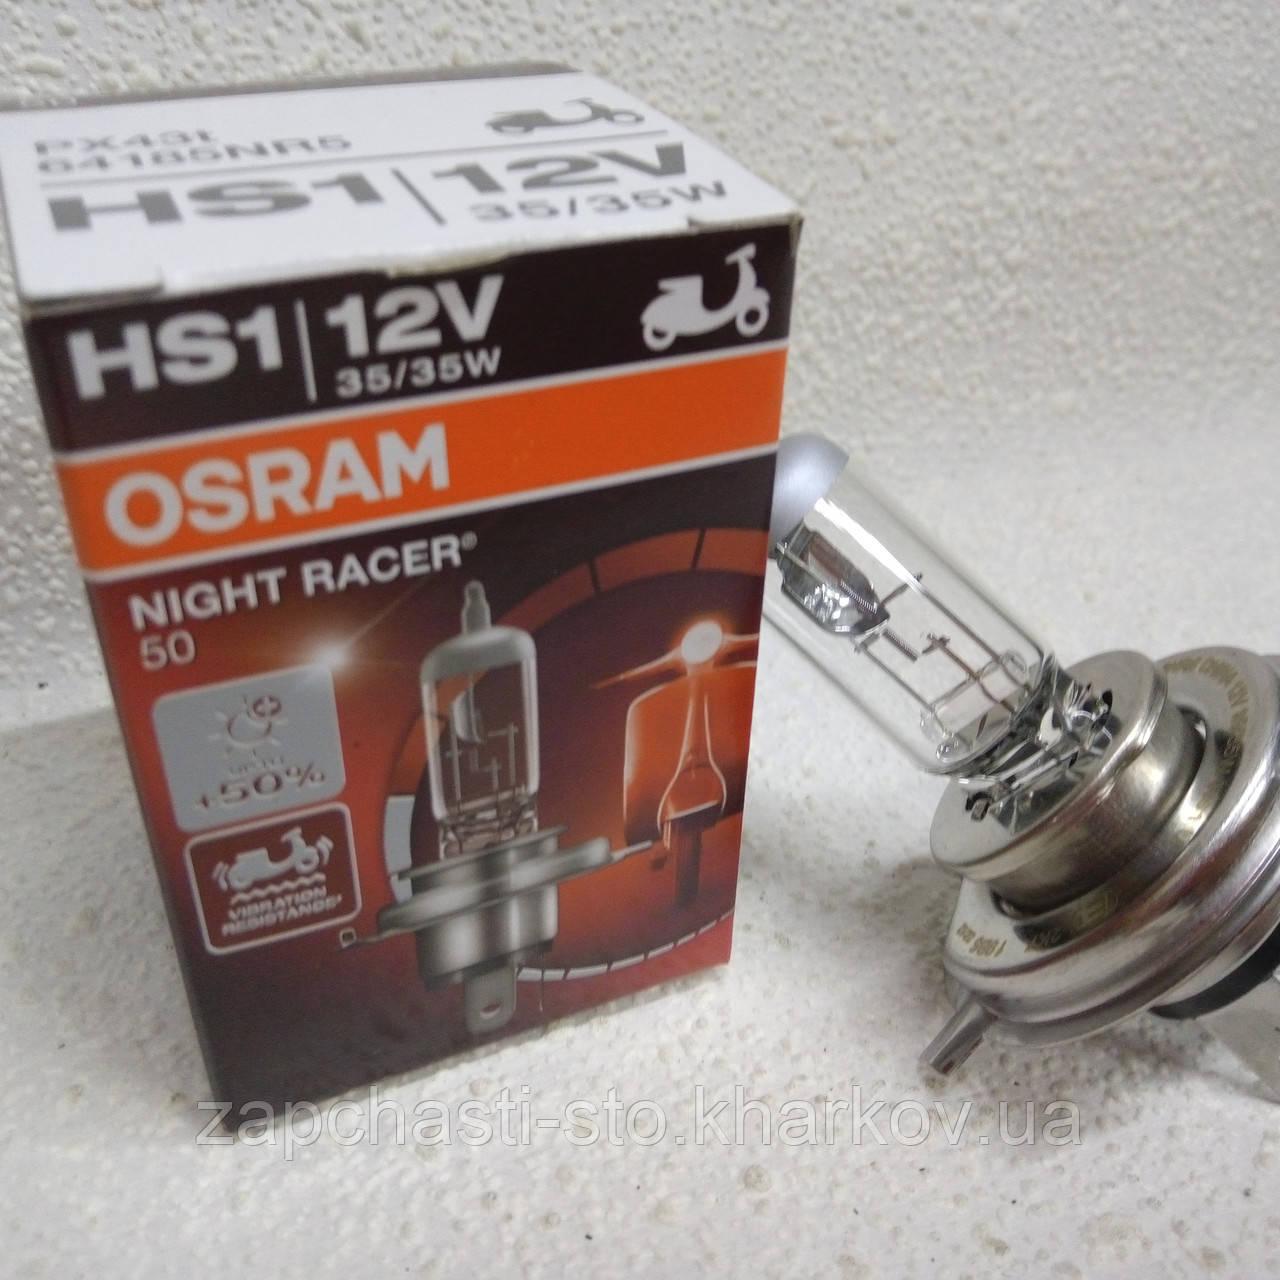 Лампа фары для мотоцикла, скутера, мопеда галогенная Hs1 (ближний дальний) OSRAM